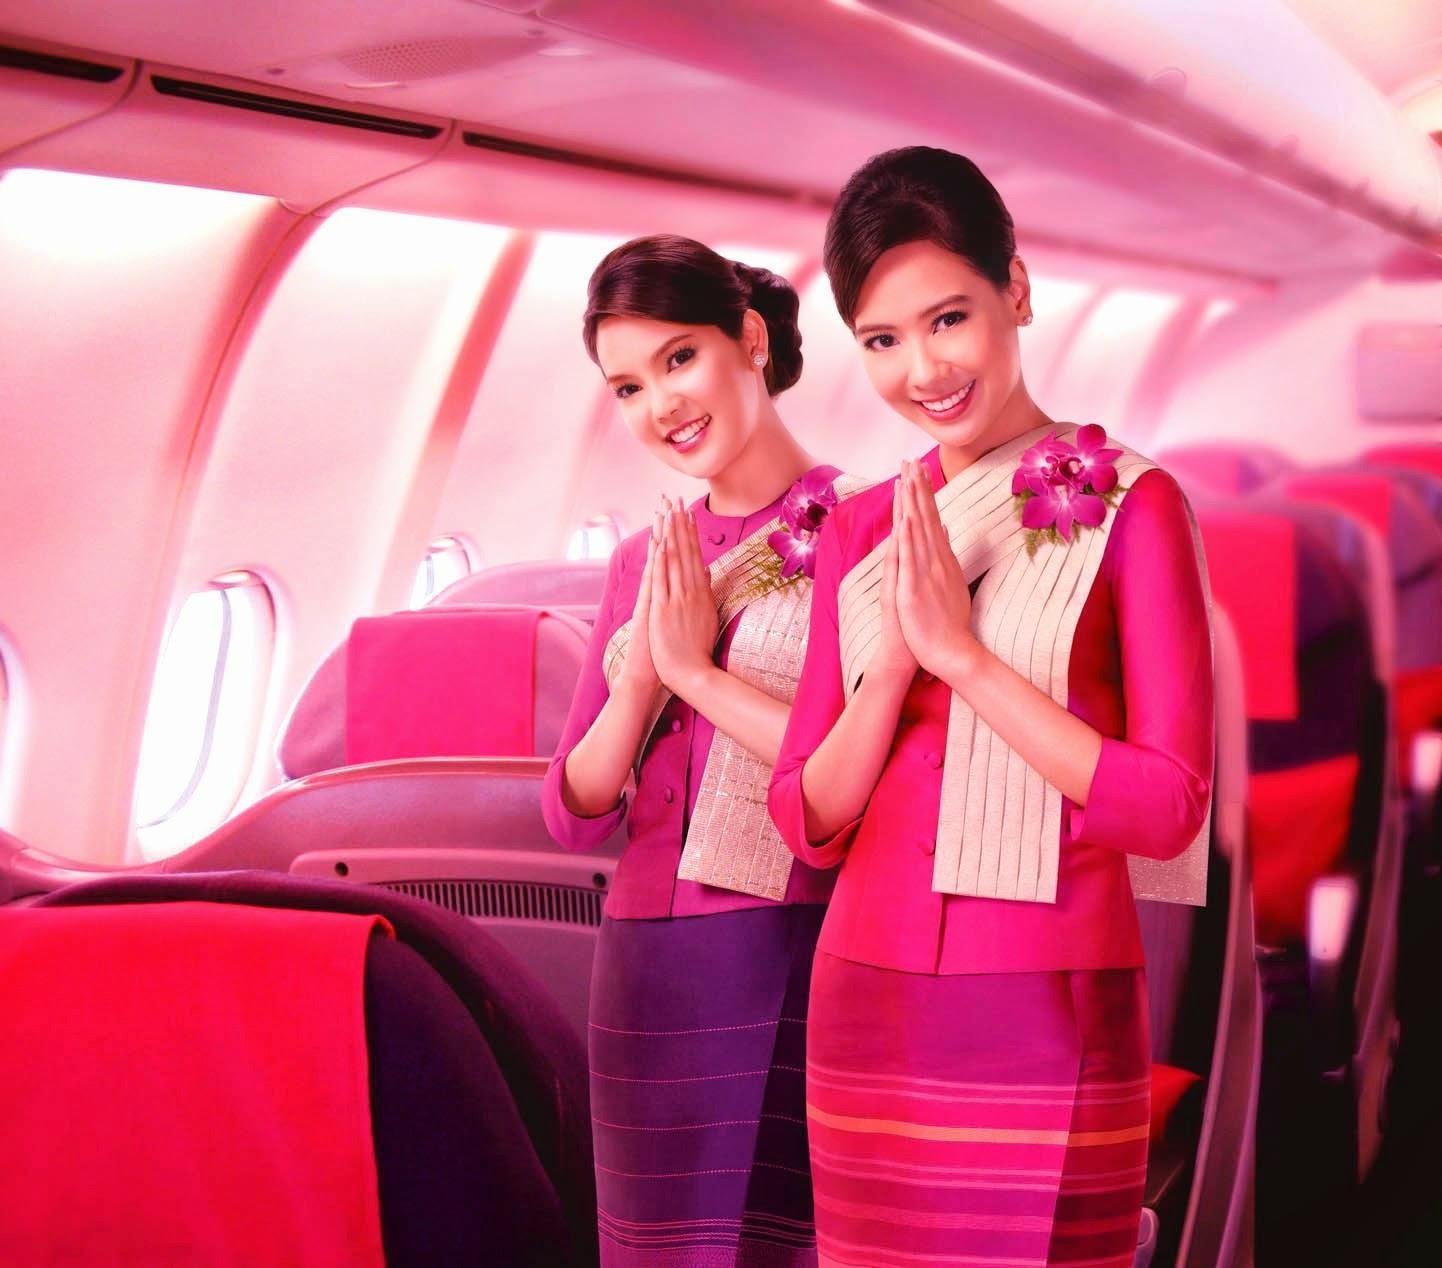 Стюардесса по имени caribbean airlines смотреть онлайн смотреть 19 фотография